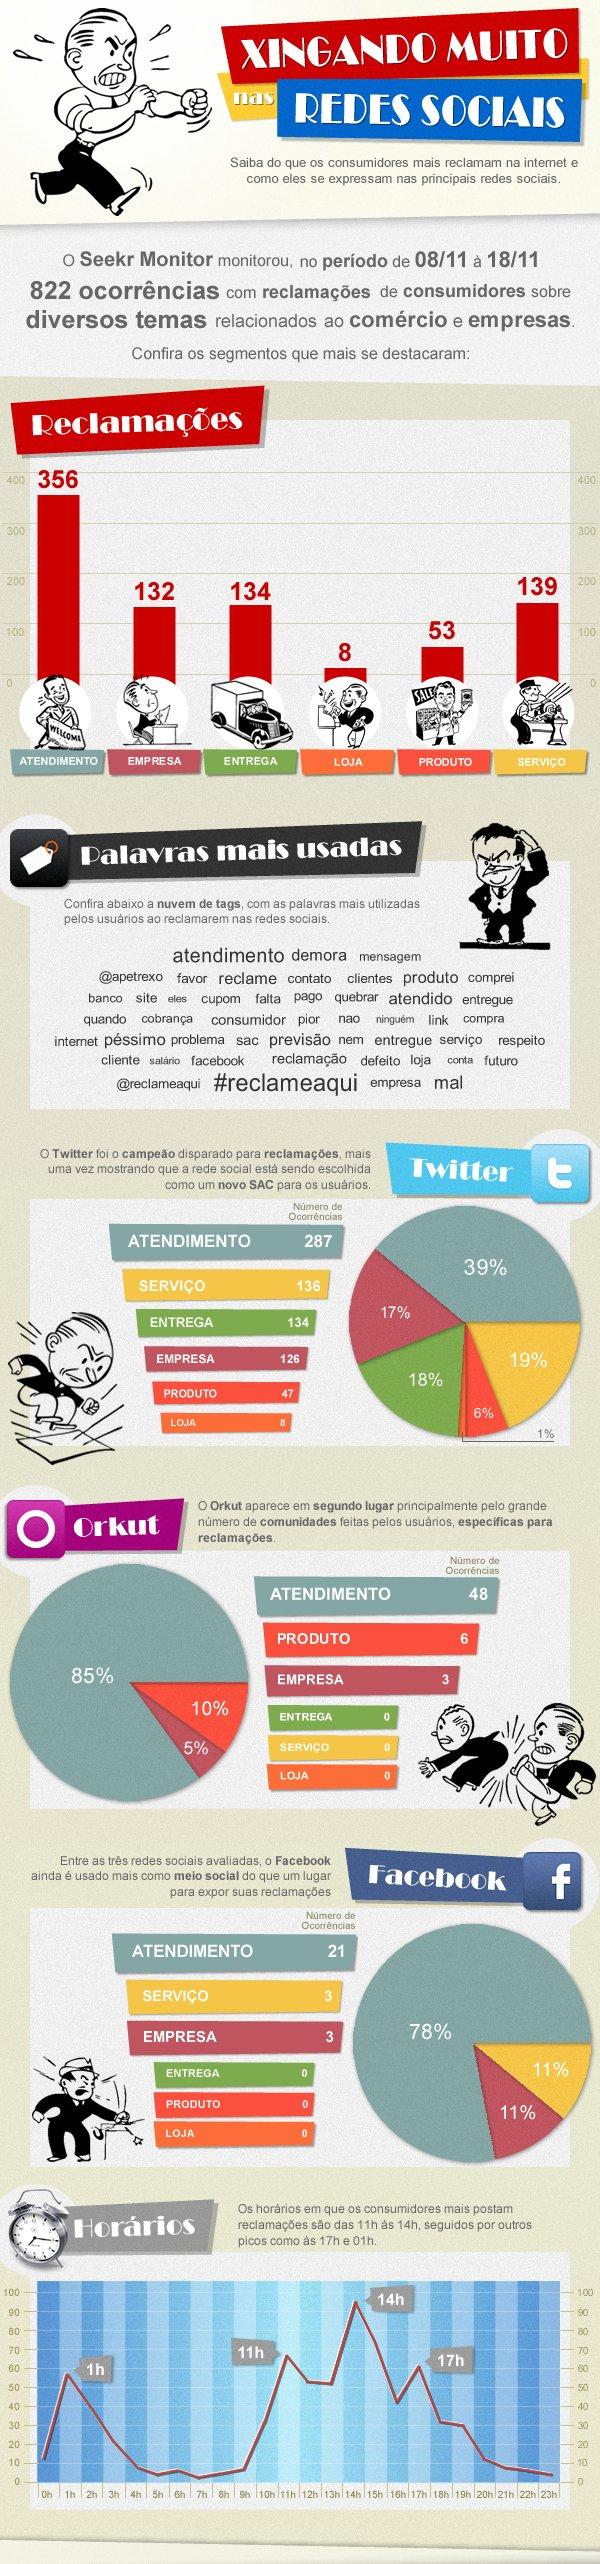 o_infografico_das_reclamacoes